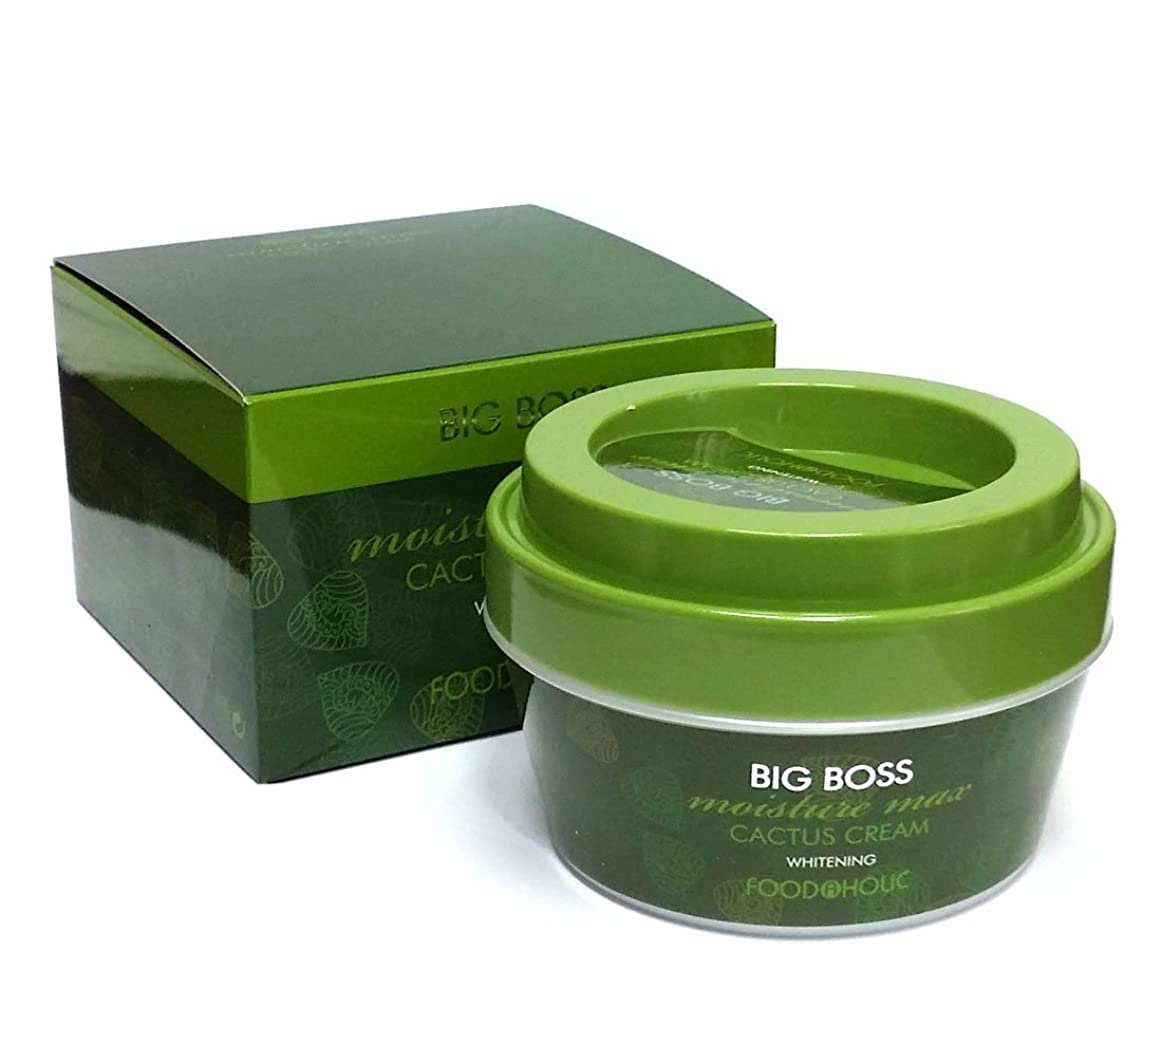 別に一般貨物[FoodaHolic] ビッグボスモイスチャーマックスサボテンクリーム300g / Big Boss Moisture Max Cactus Cream 300g / ホワイトニング / Whitening / 韓国化粧品 / Korean Cosmetics [並行輸入品]